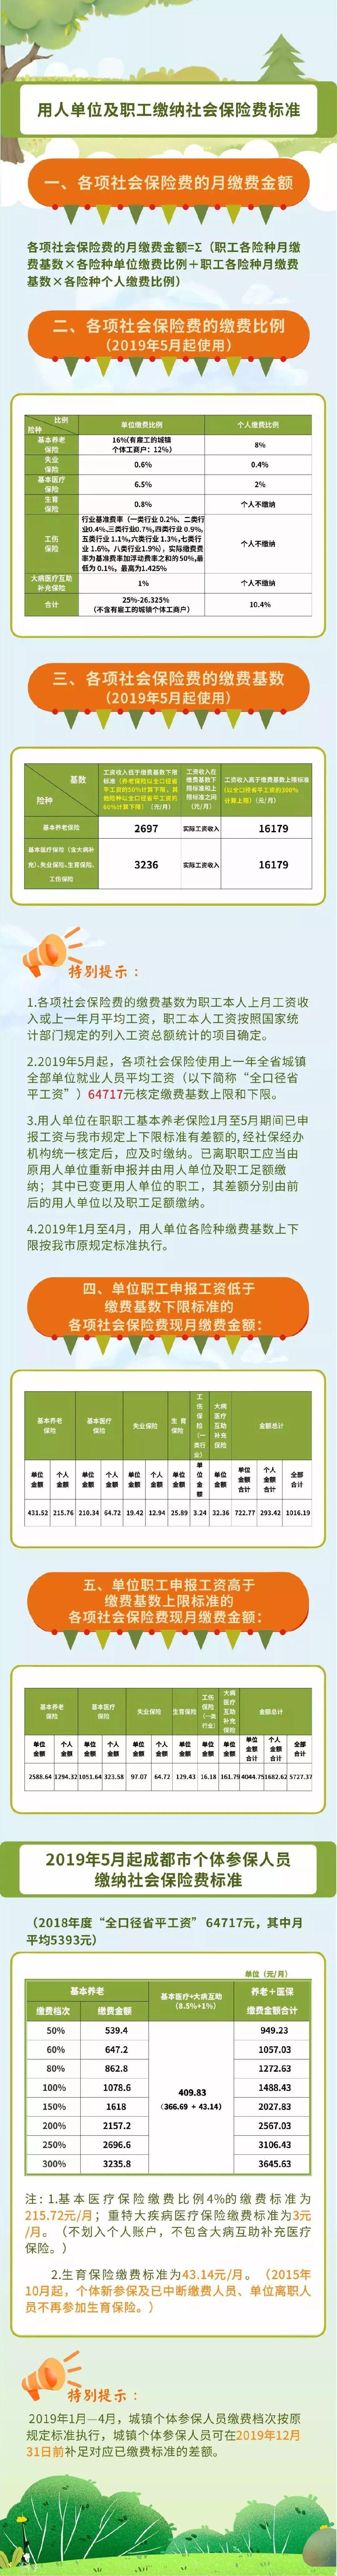 2019成都社保缴费标准(单位 个人)